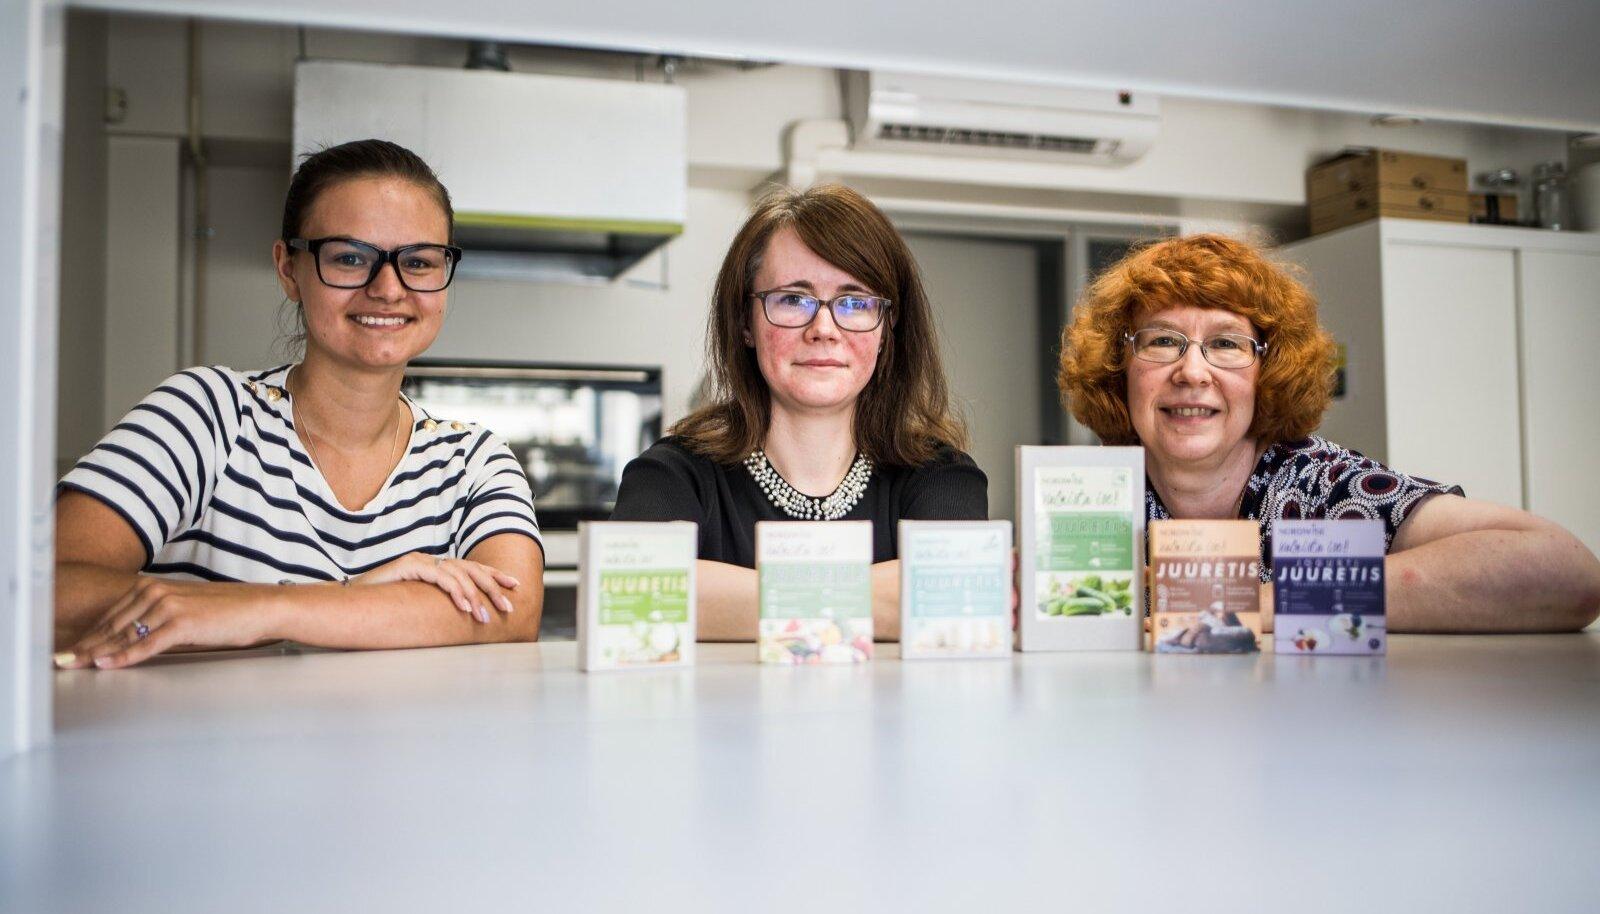 Alice Valge, Liis Lutter ja Epp Songisepp teadusasutusest BioCC kinnitavad, et nende juuretistega õnnestub hapendamine suurepäraselt.